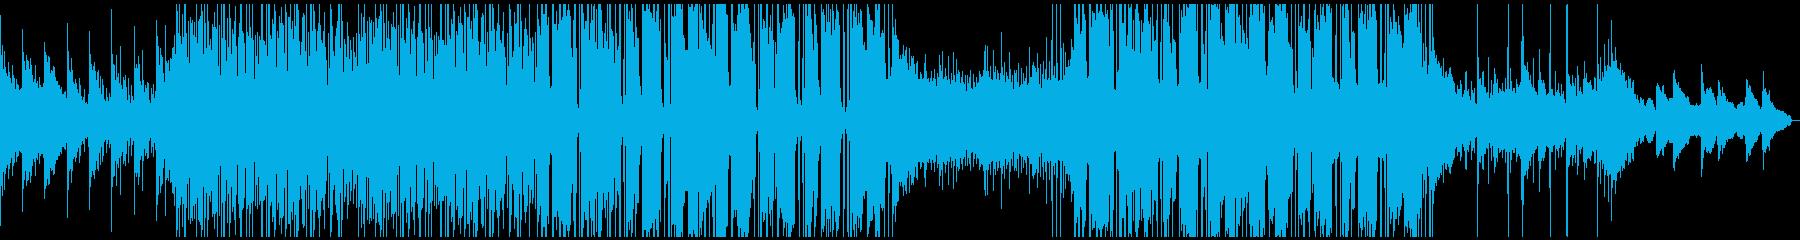 近未来的でスタイリッシュな雰囲気の曲の再生済みの波形